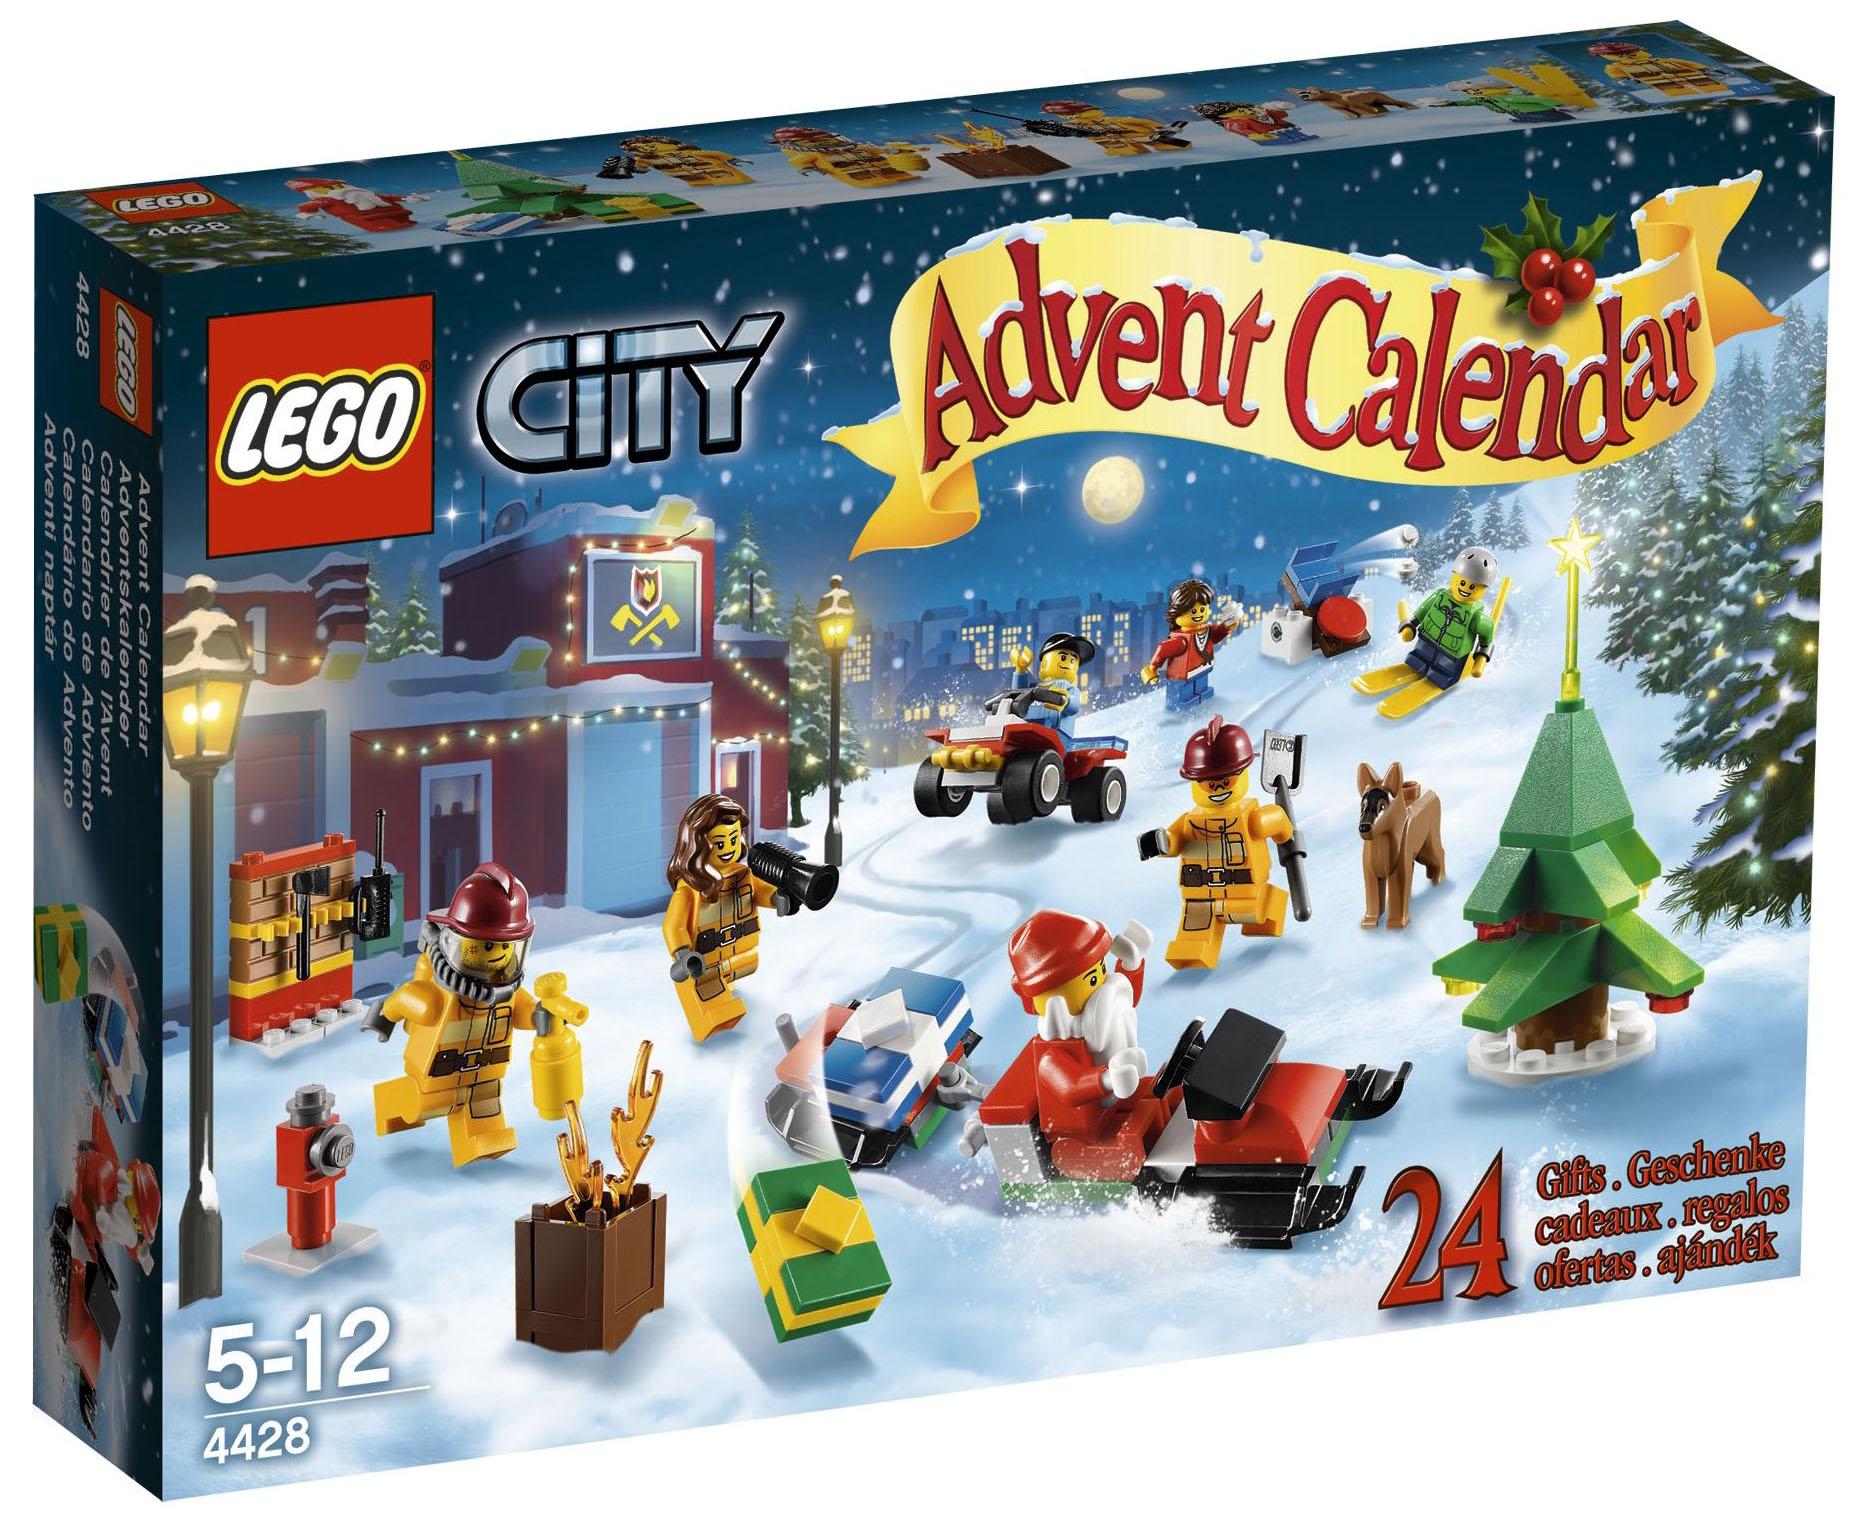 Calendrier Avent Lego City.Lego Saisonnier 4428 Le Calendrier De L Avent Lego City 2012